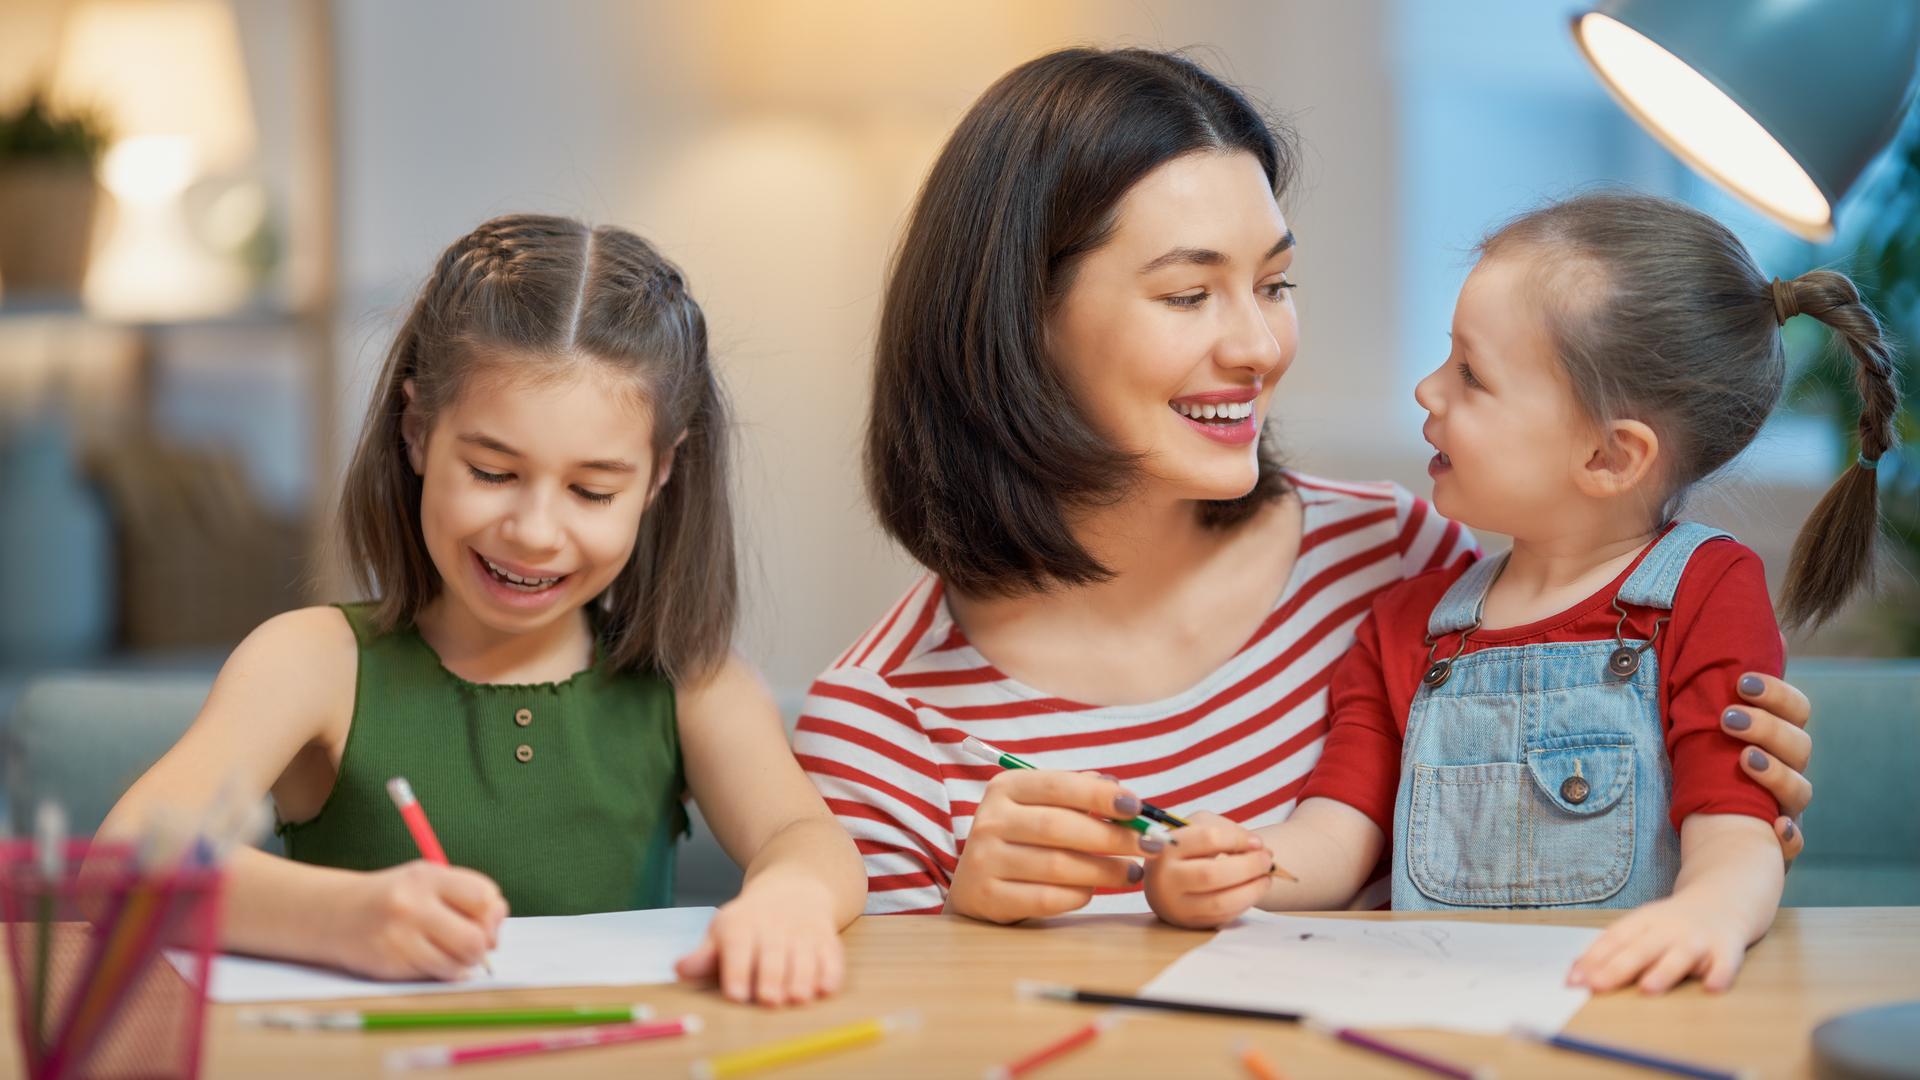 mama pintando con sus hijas